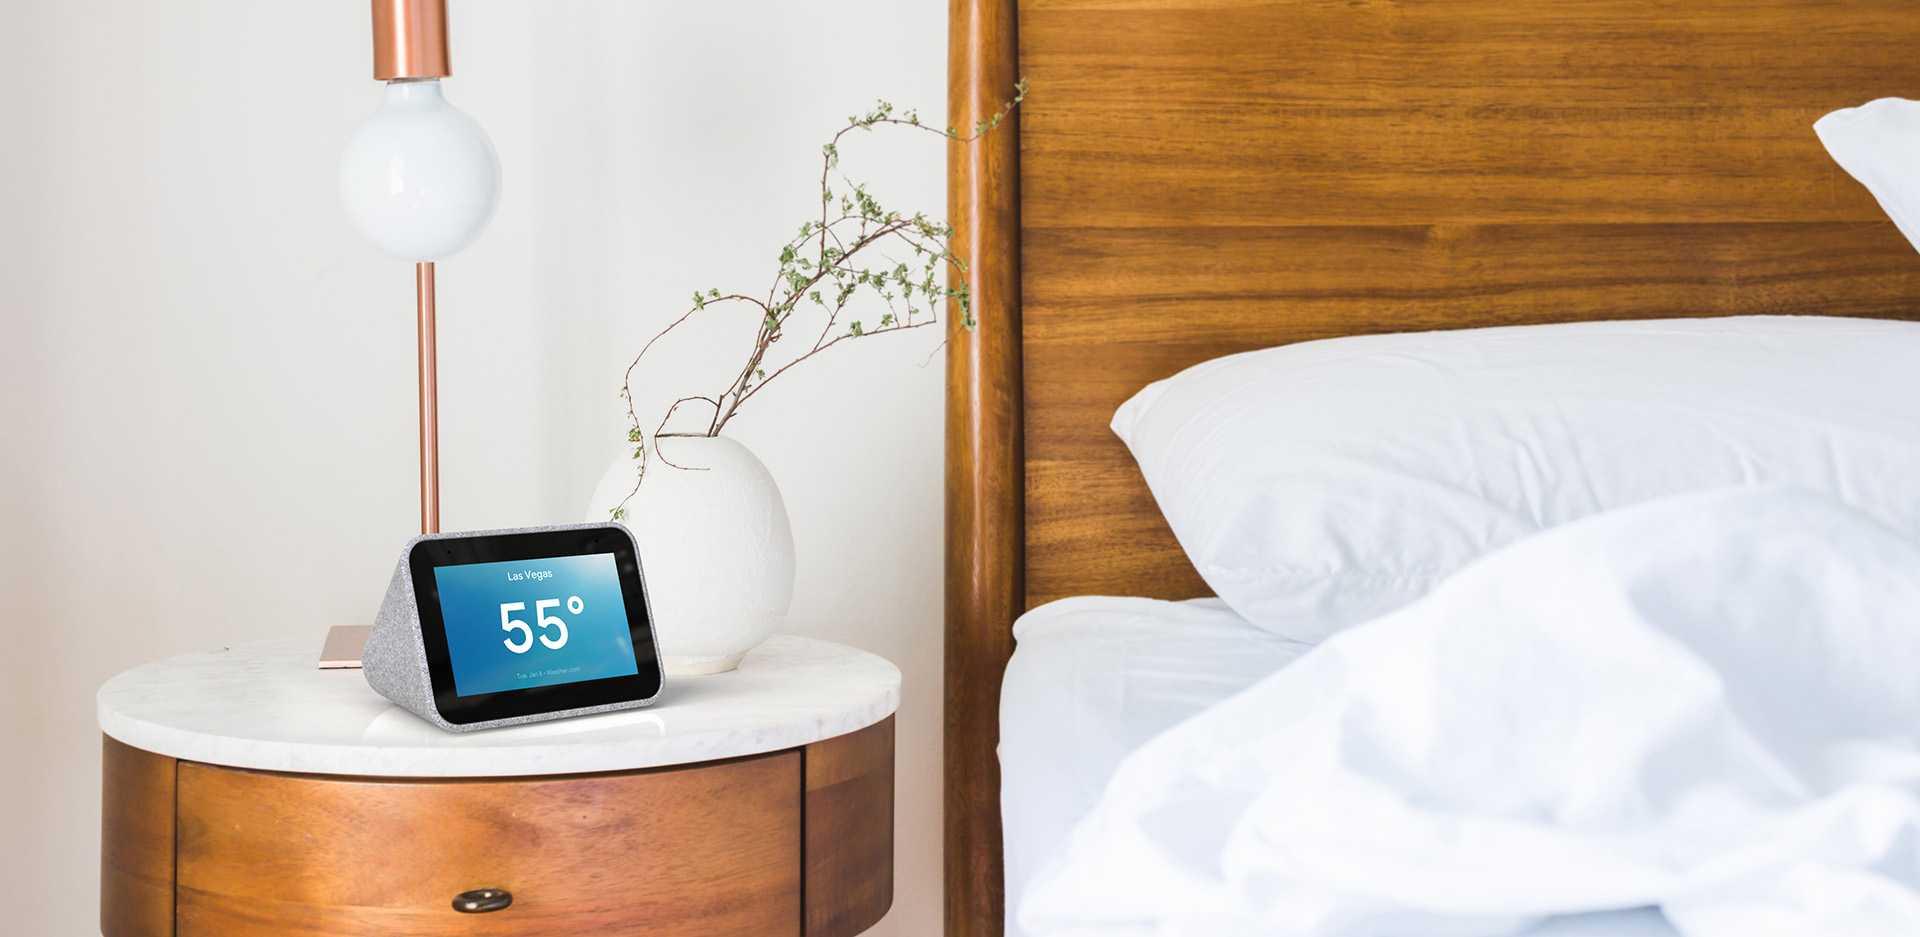 Der smarte Wecker von Lenovo soll den Schlafrhythmus verbessern. Dank Google Assistant steuert er außerdem das vernetzte Zuhause.